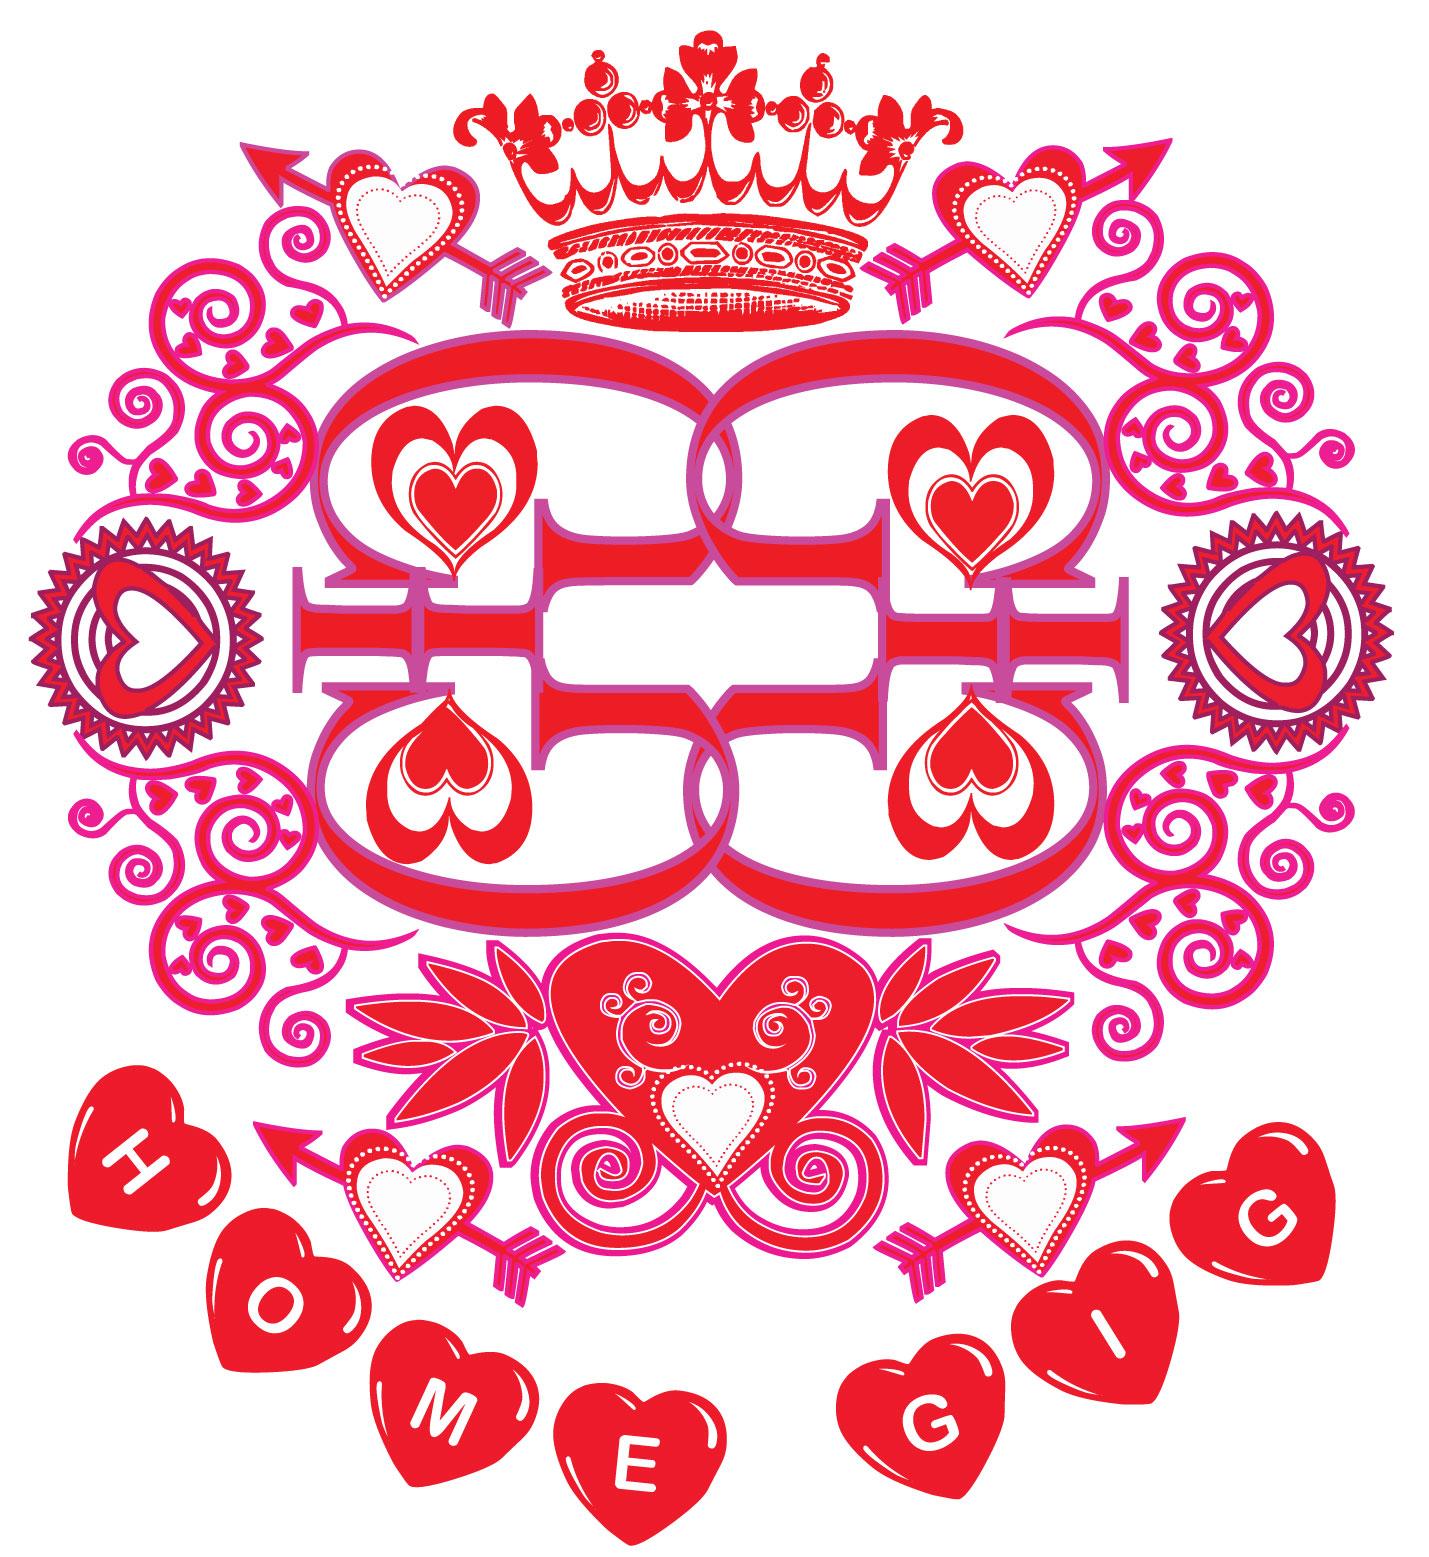 homegig_valentine-logo.jpg